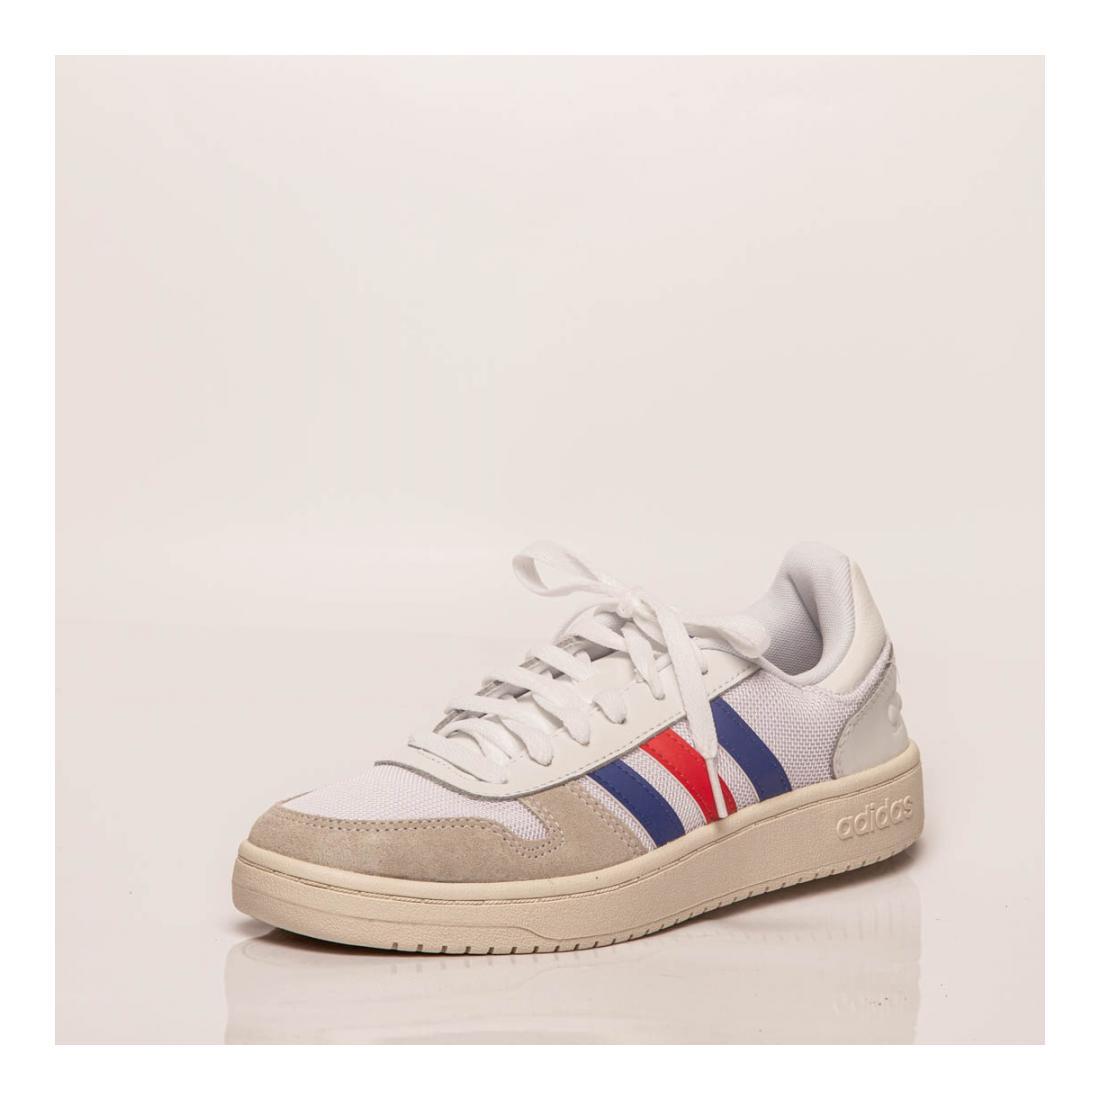 adidas Sneaker low FW8250-000 Hoops 2.0